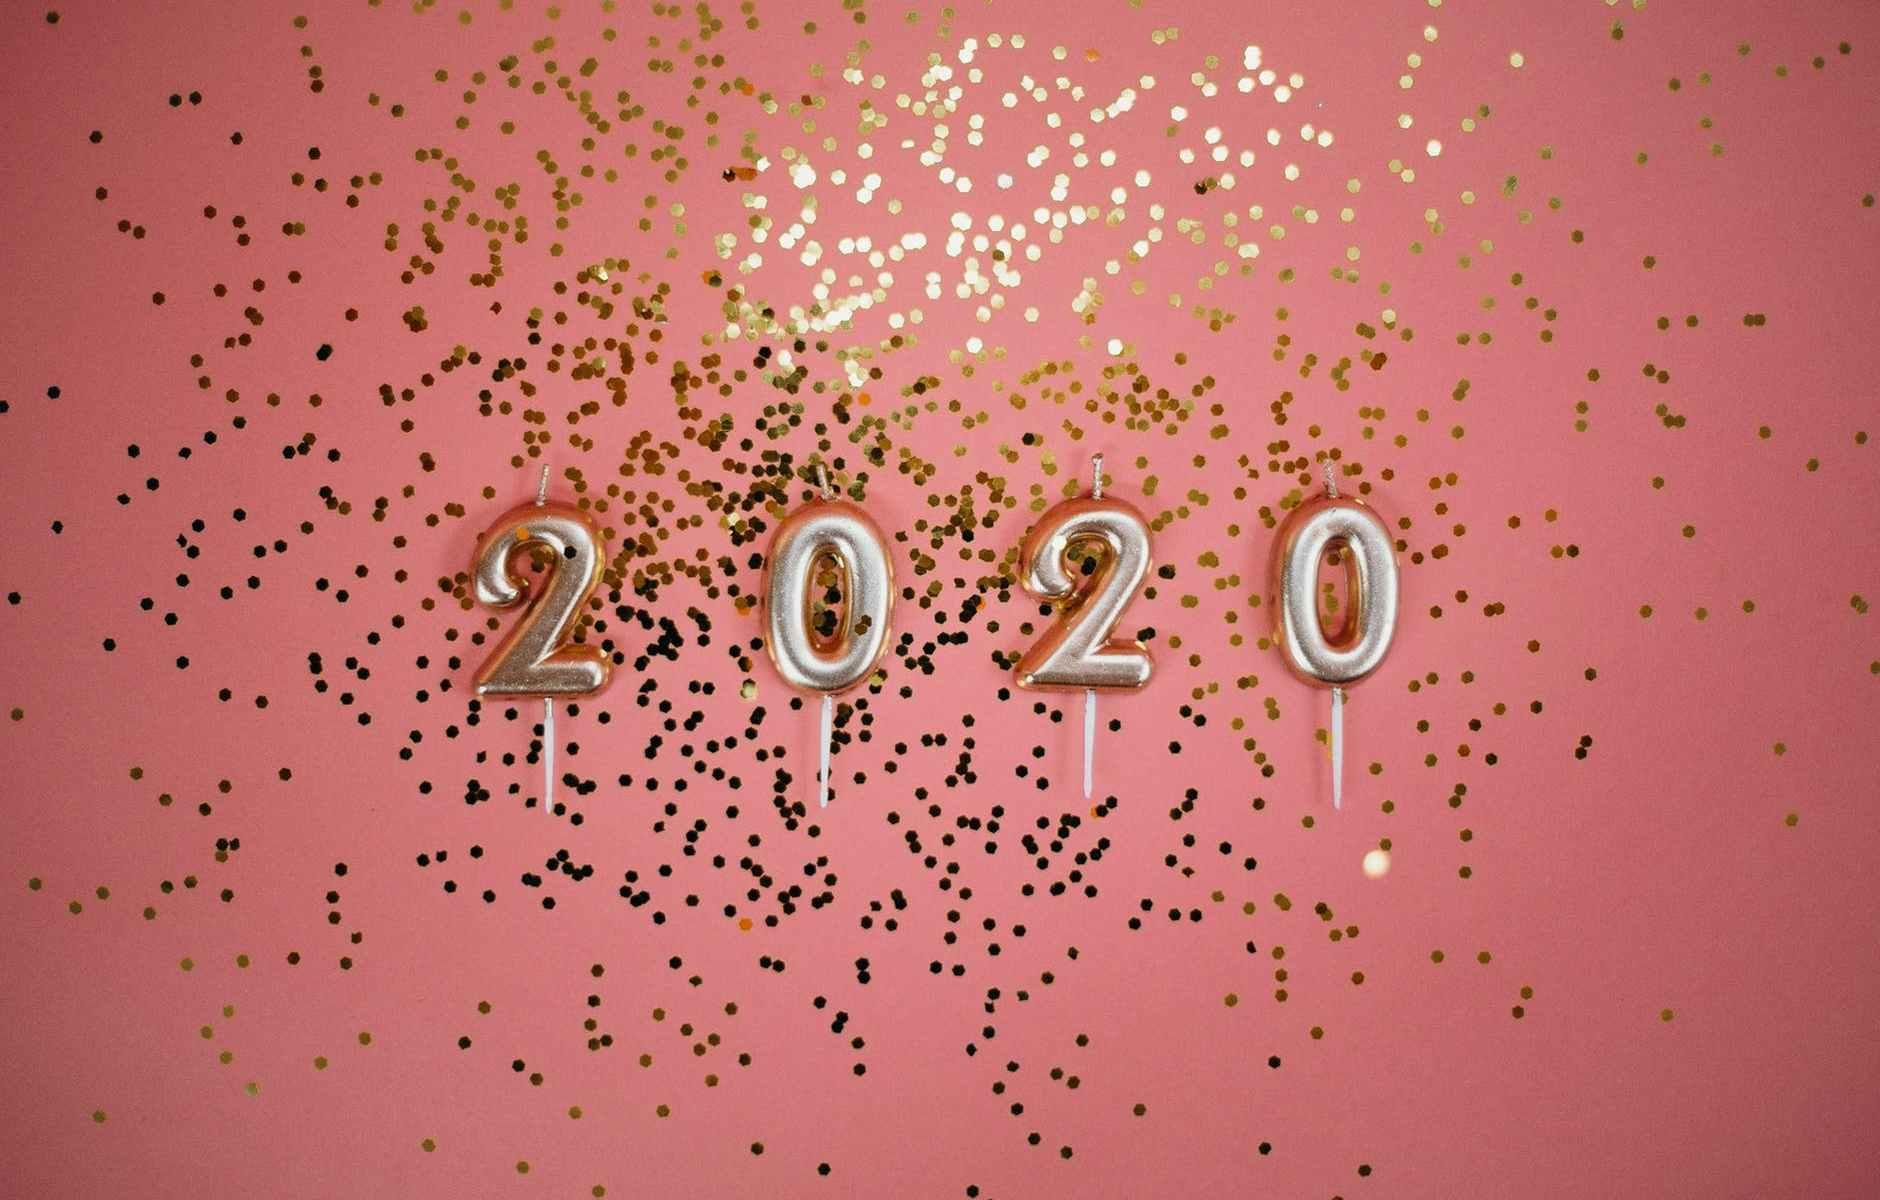 2020, herzlich Willkommen!